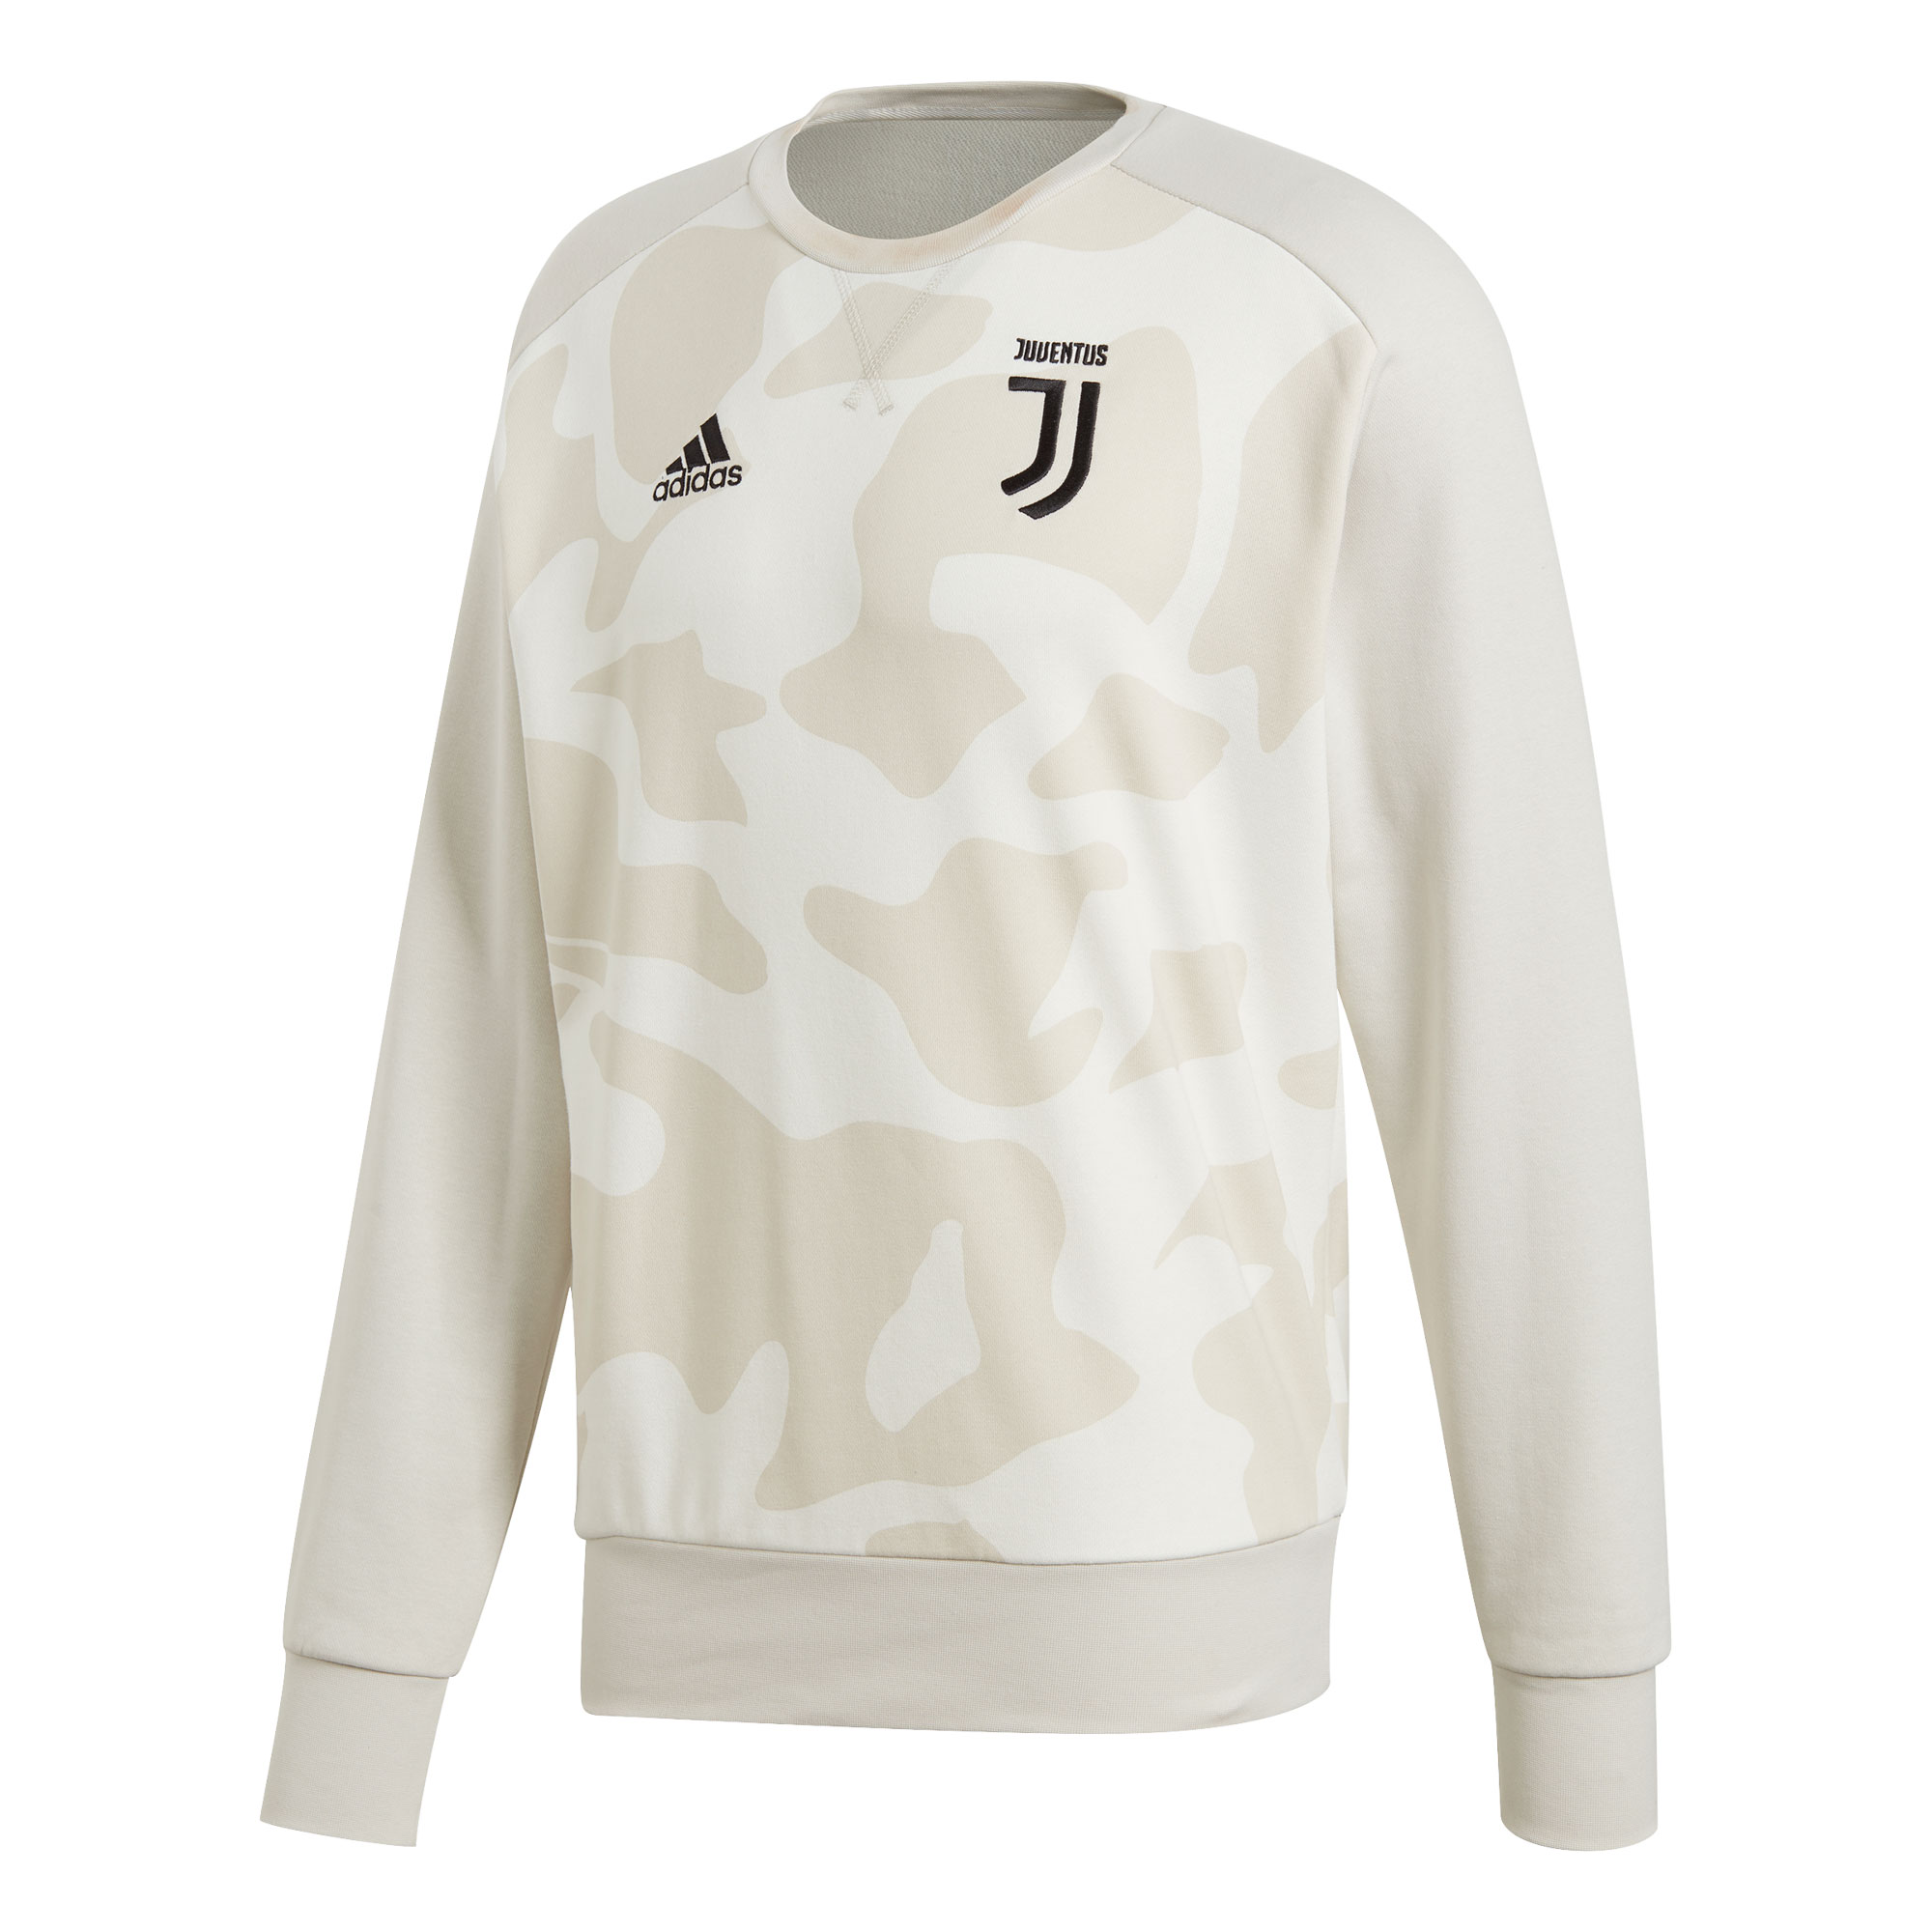 Adidas / Sudadera de temporada de la plantilla de la Juventus - blanco camo